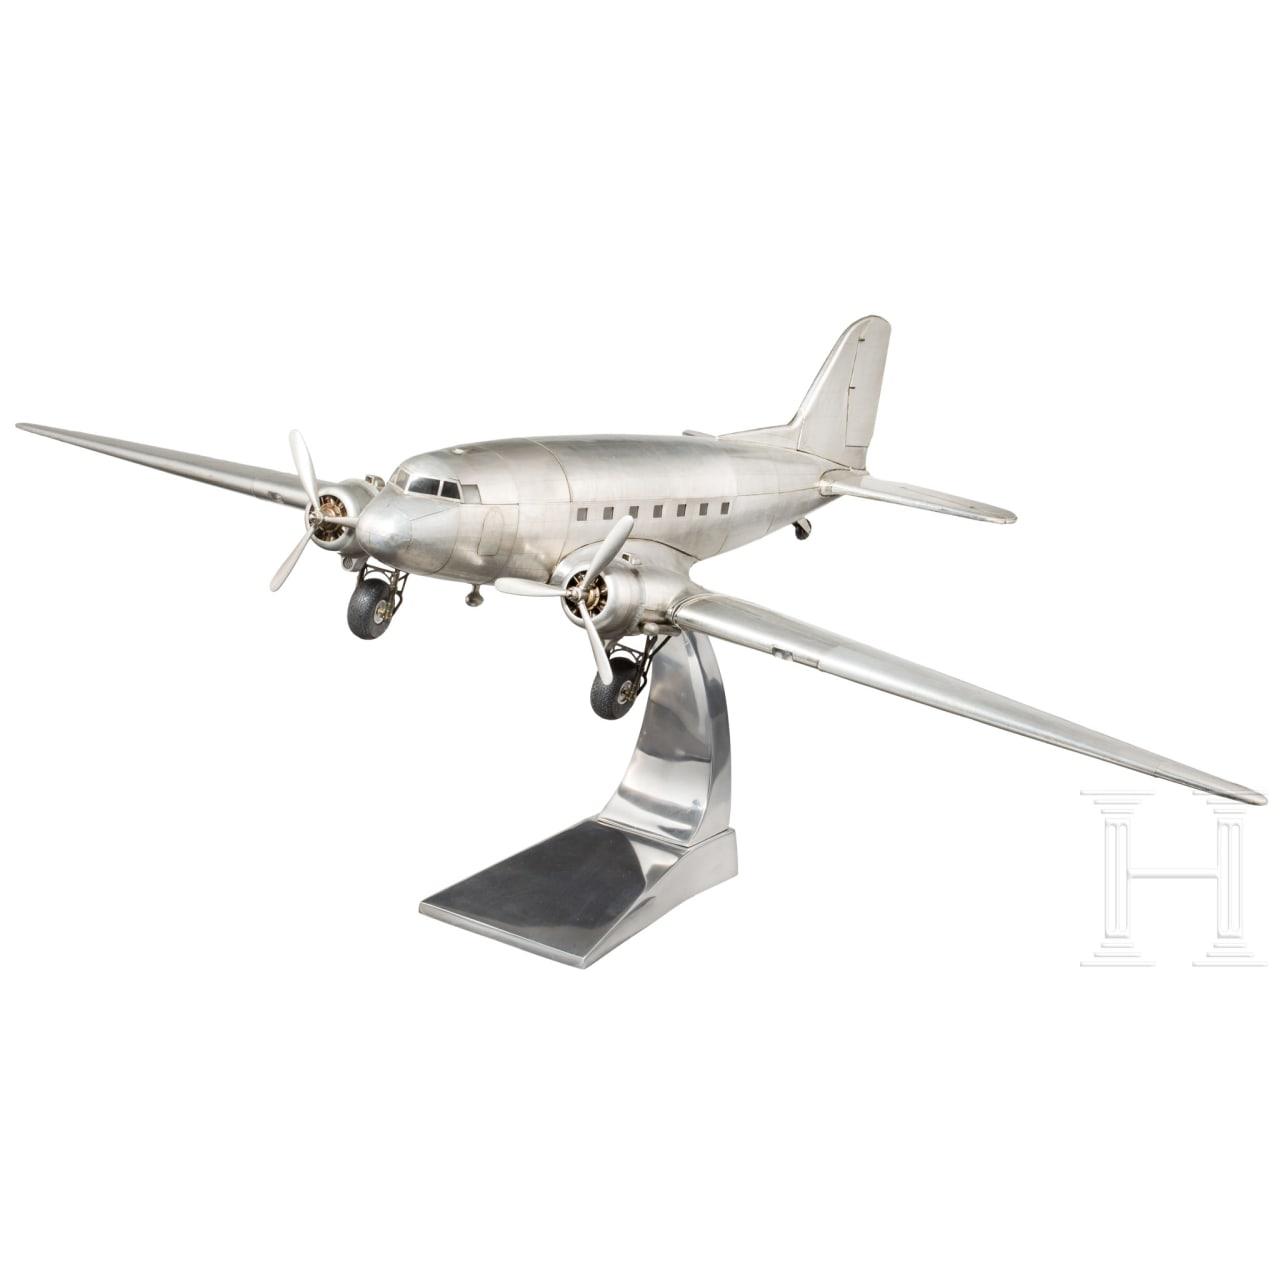 Modell Douglas DC3 (Dakota), 2. Hälfte 20. Jhdt.